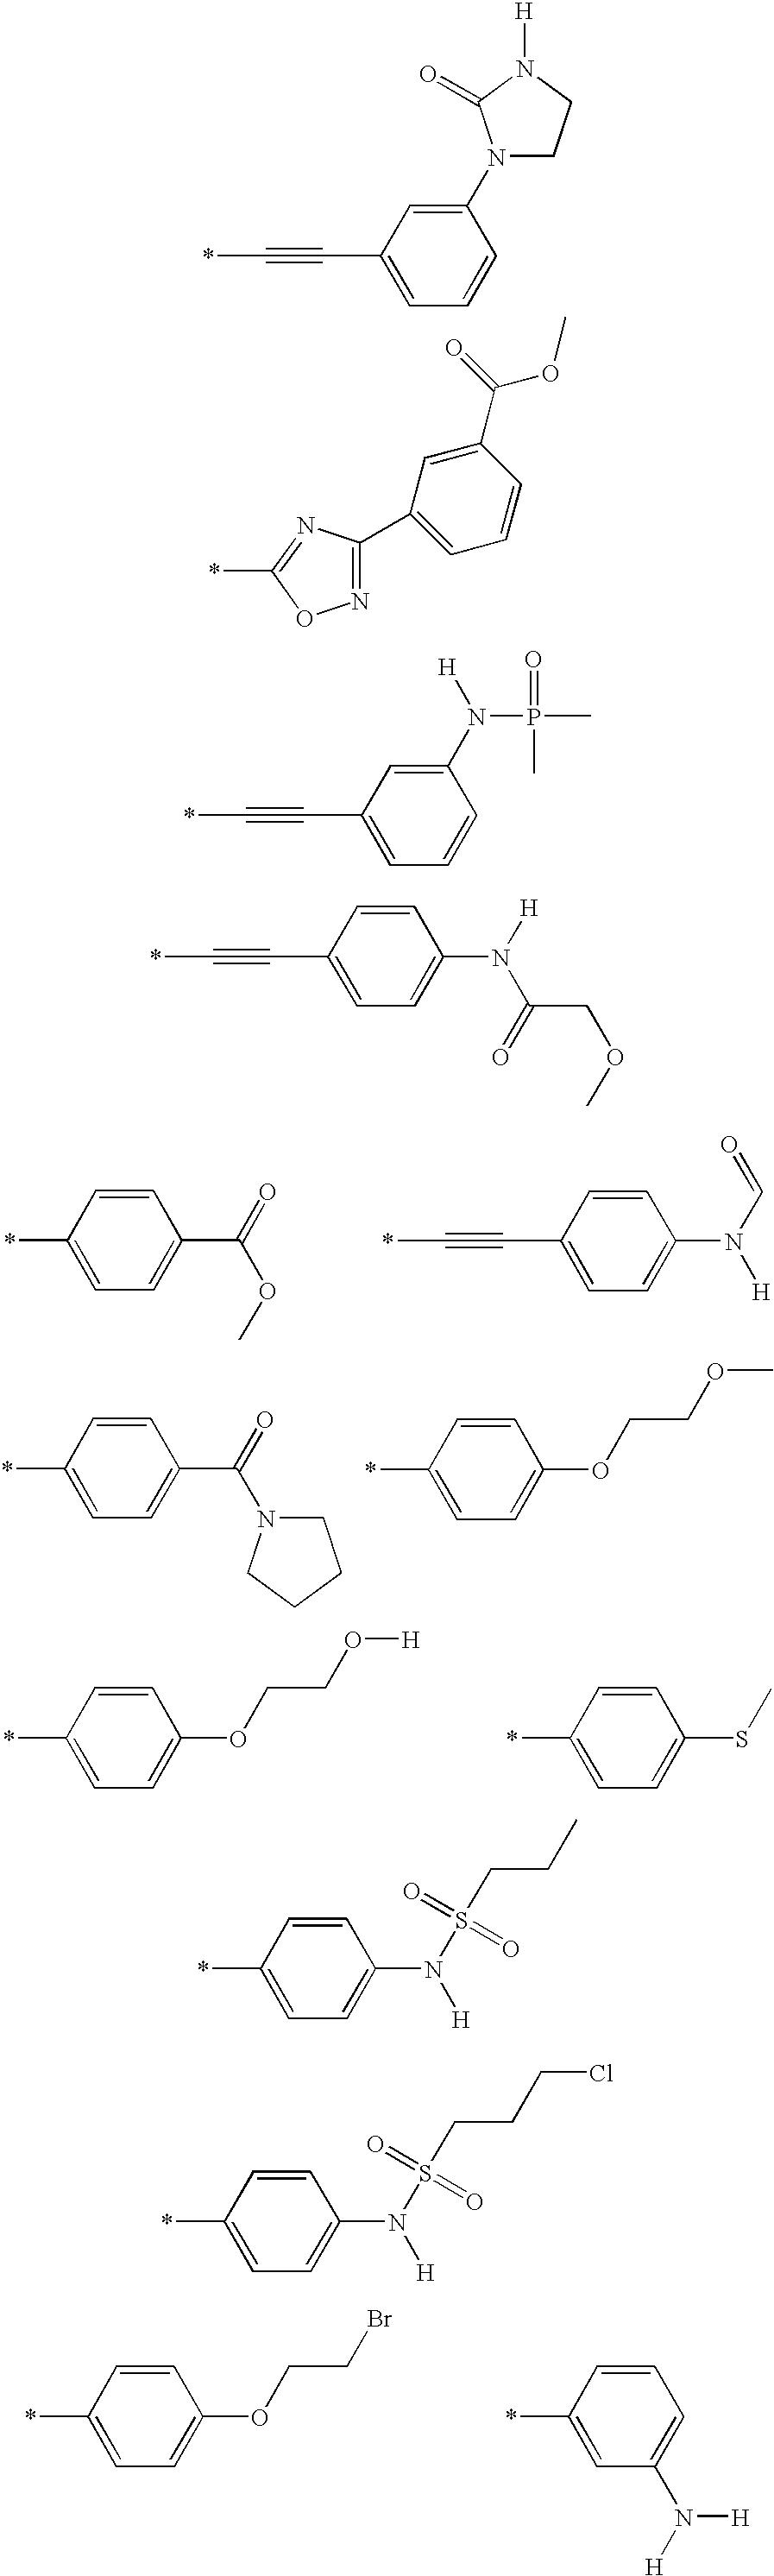 Figure US07781478-20100824-C00112